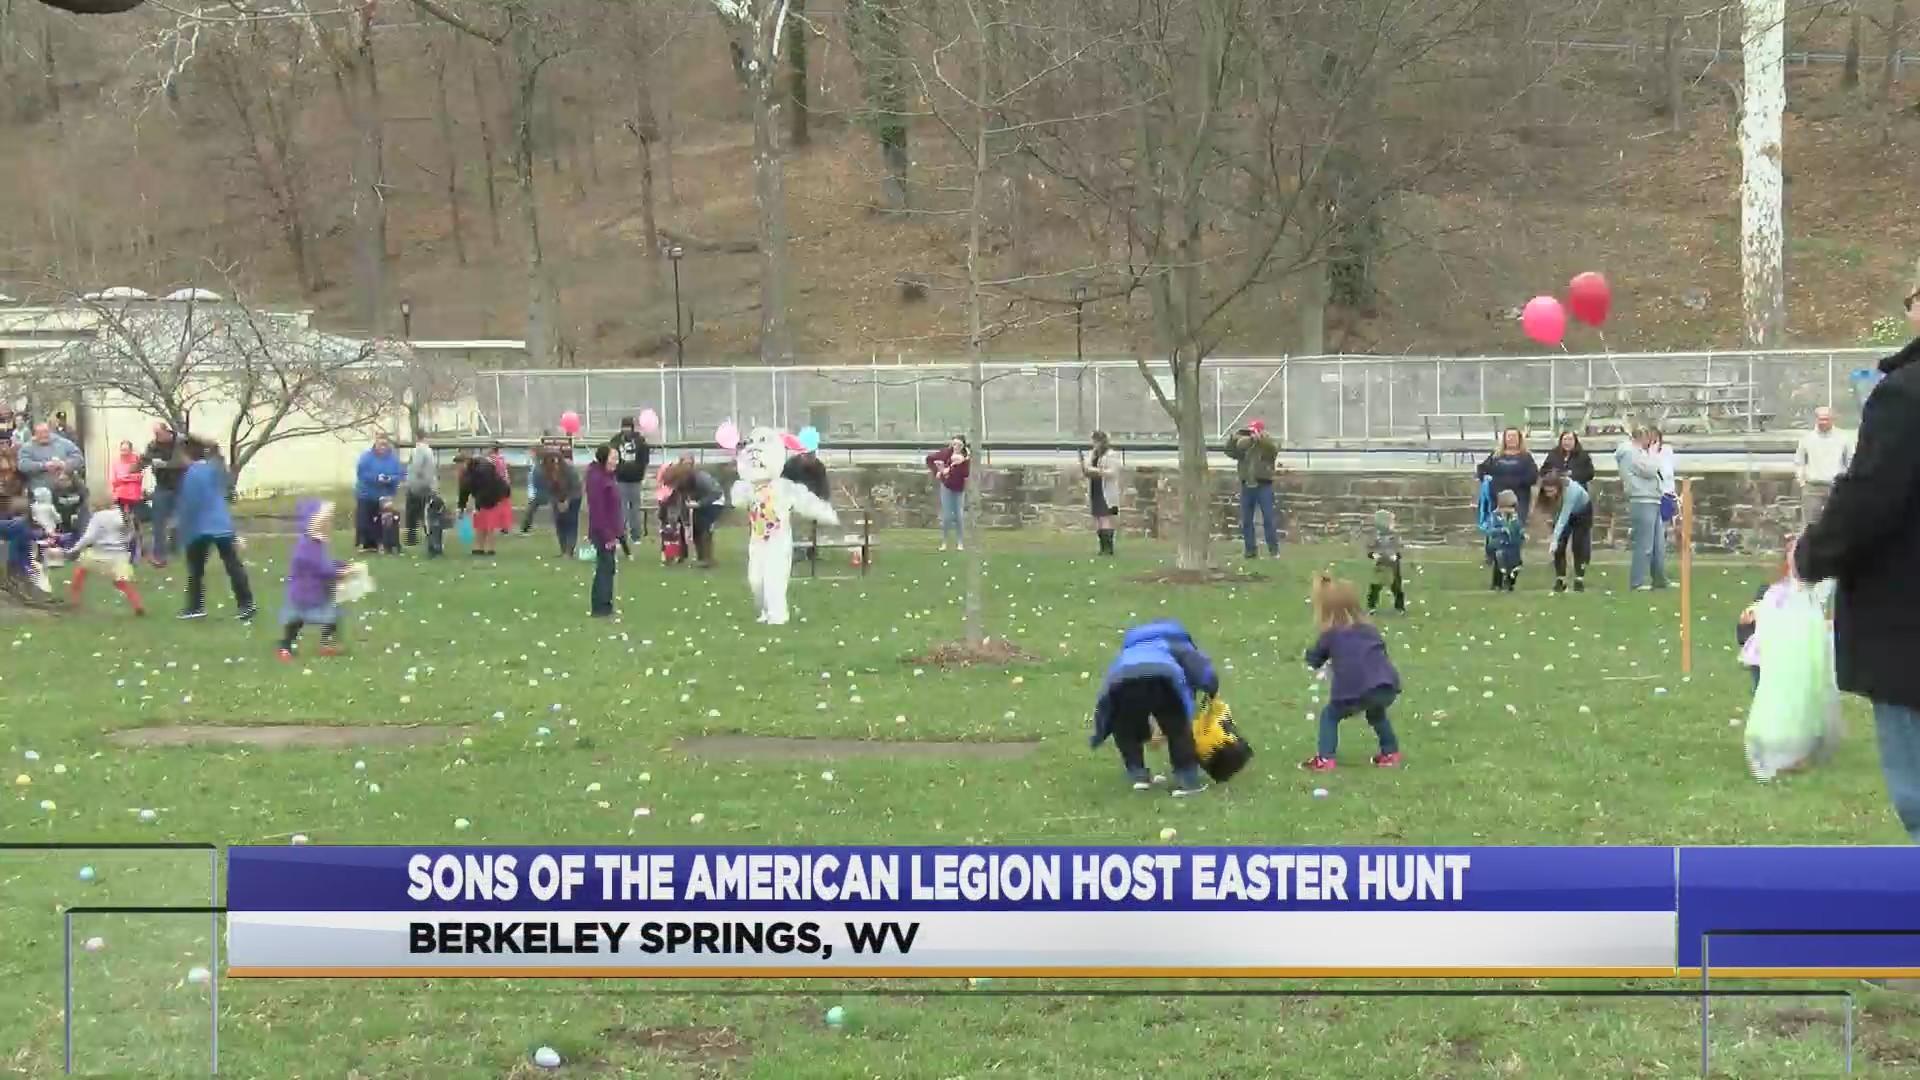 West_Virginia_Easter_egg_hunt_0_20180401232141